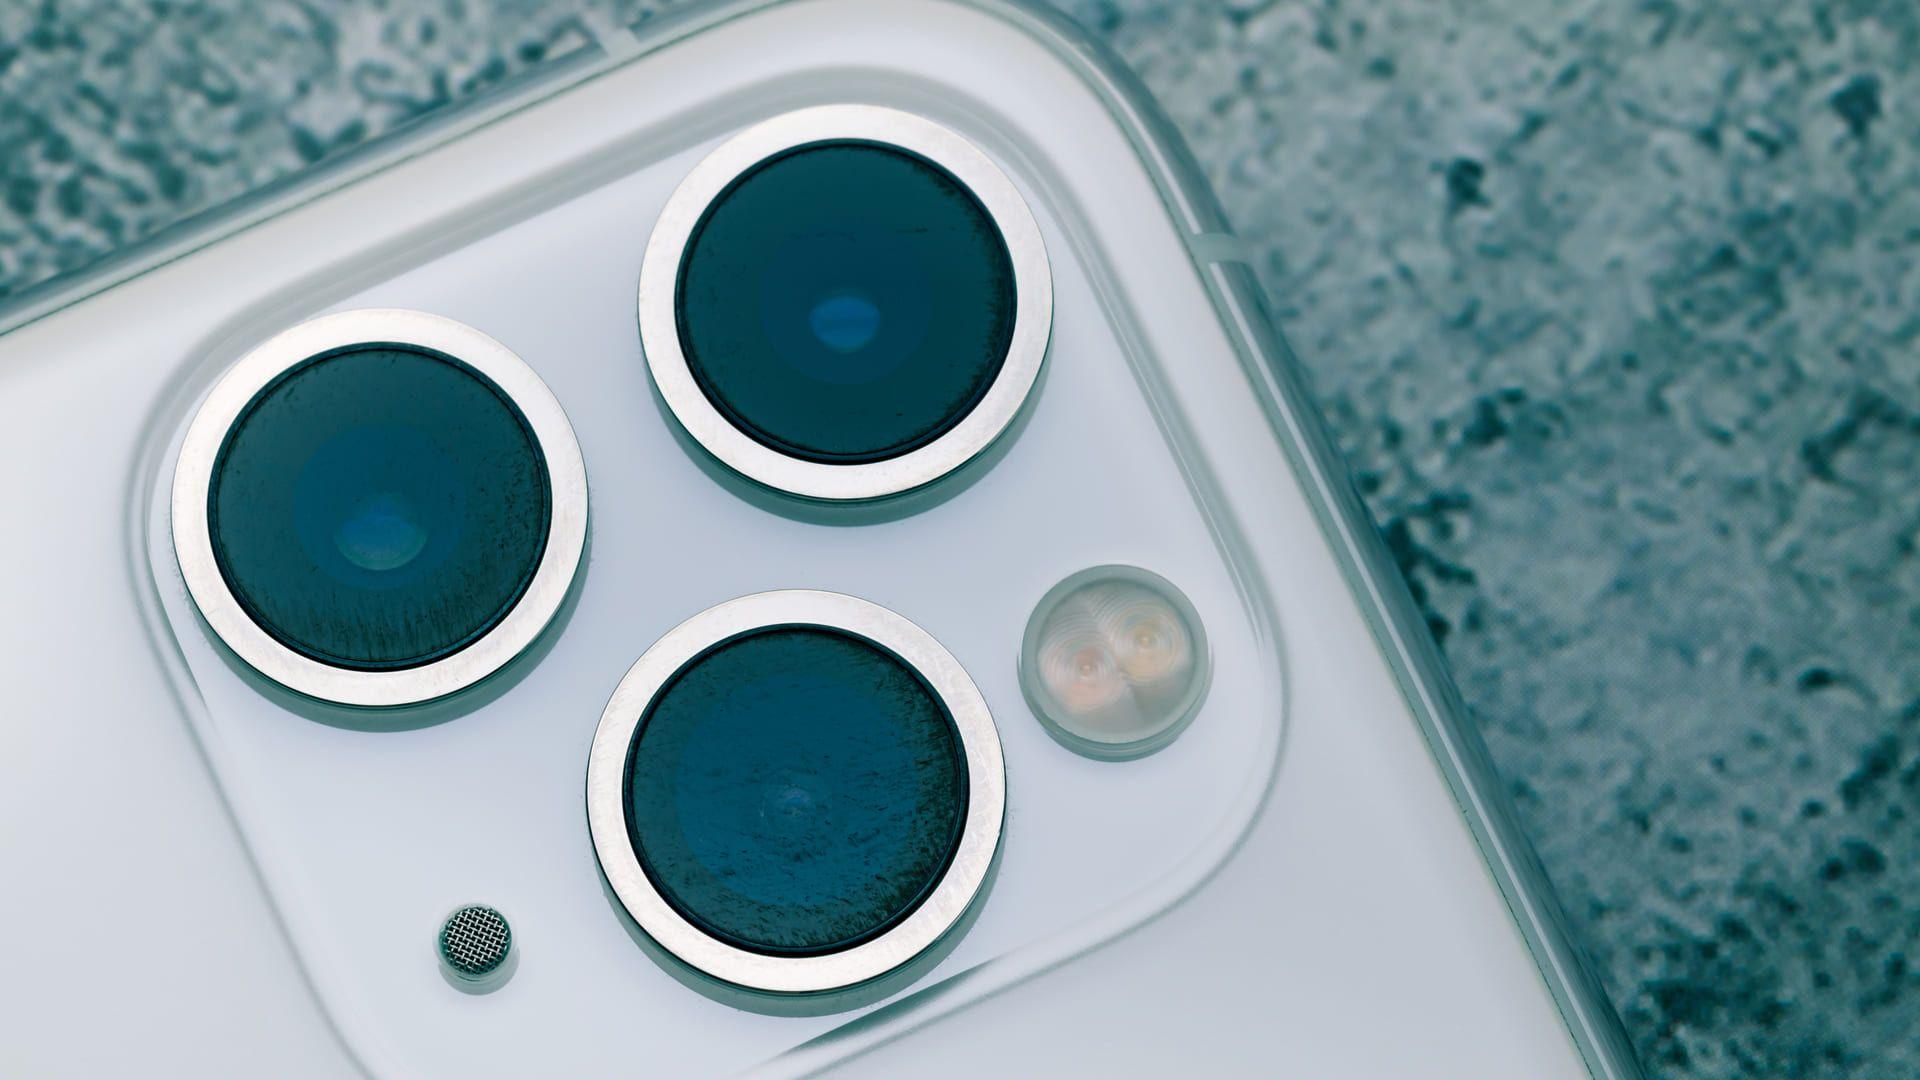 Foto de um celular com três câmeras